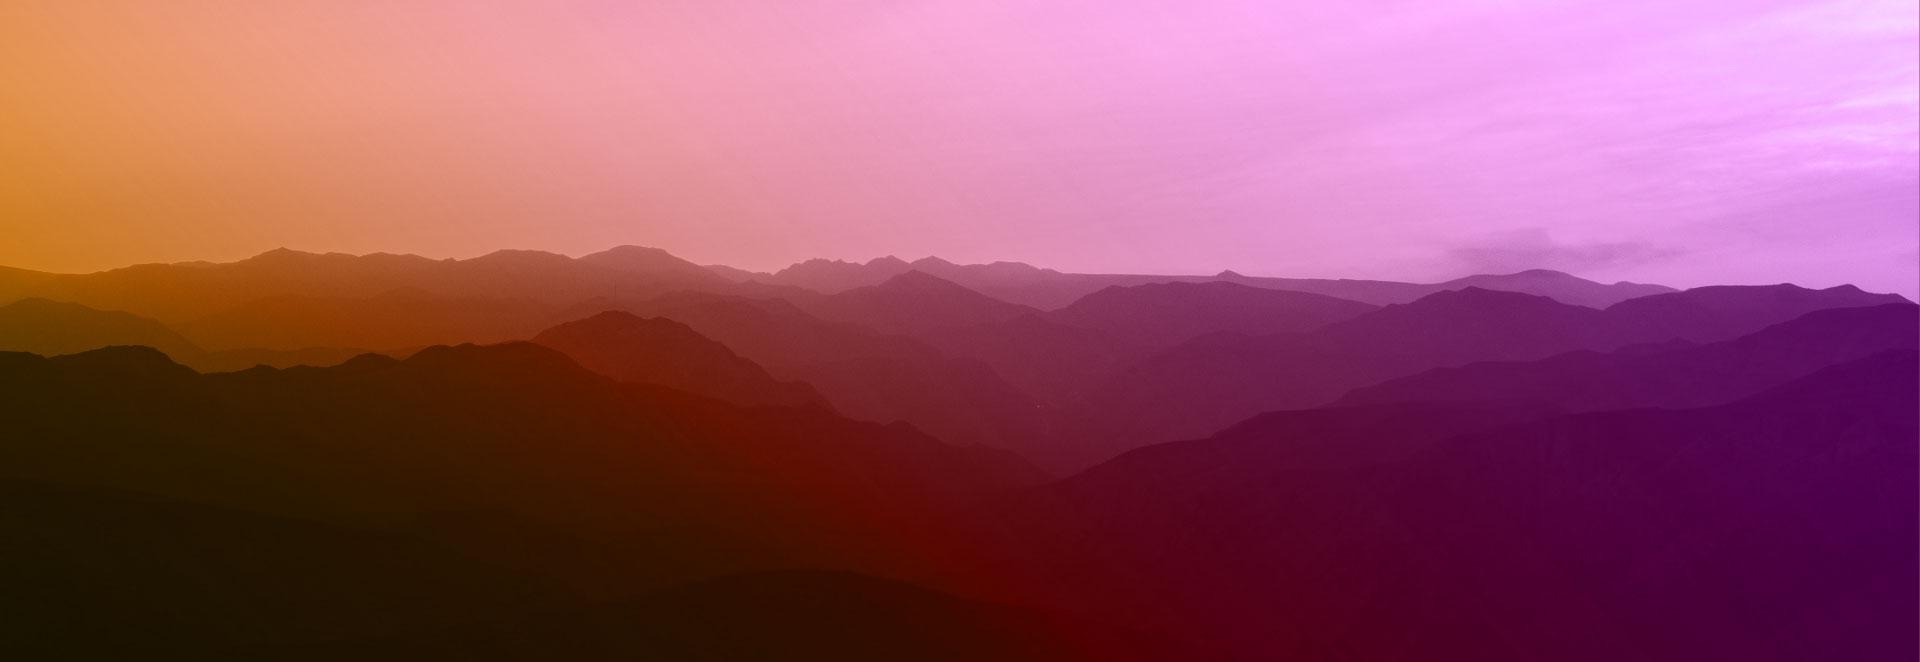 Banner- Paisaje - Siluetas de montañas